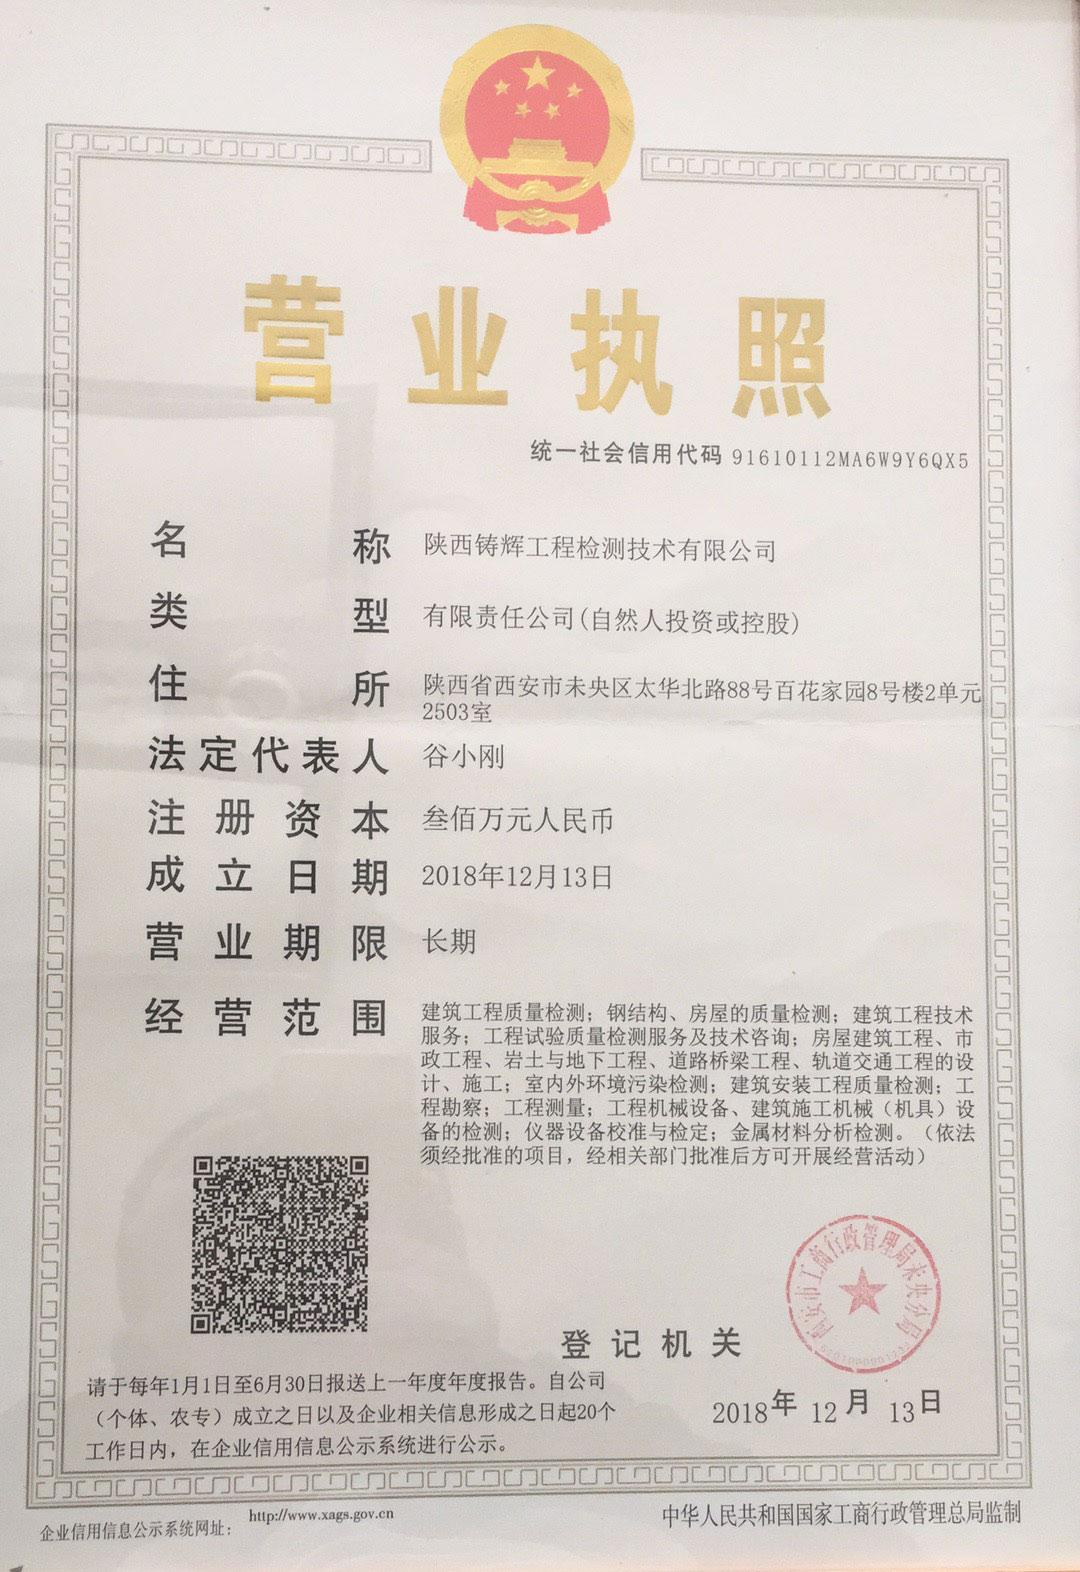 铸辉工程检测营业执照